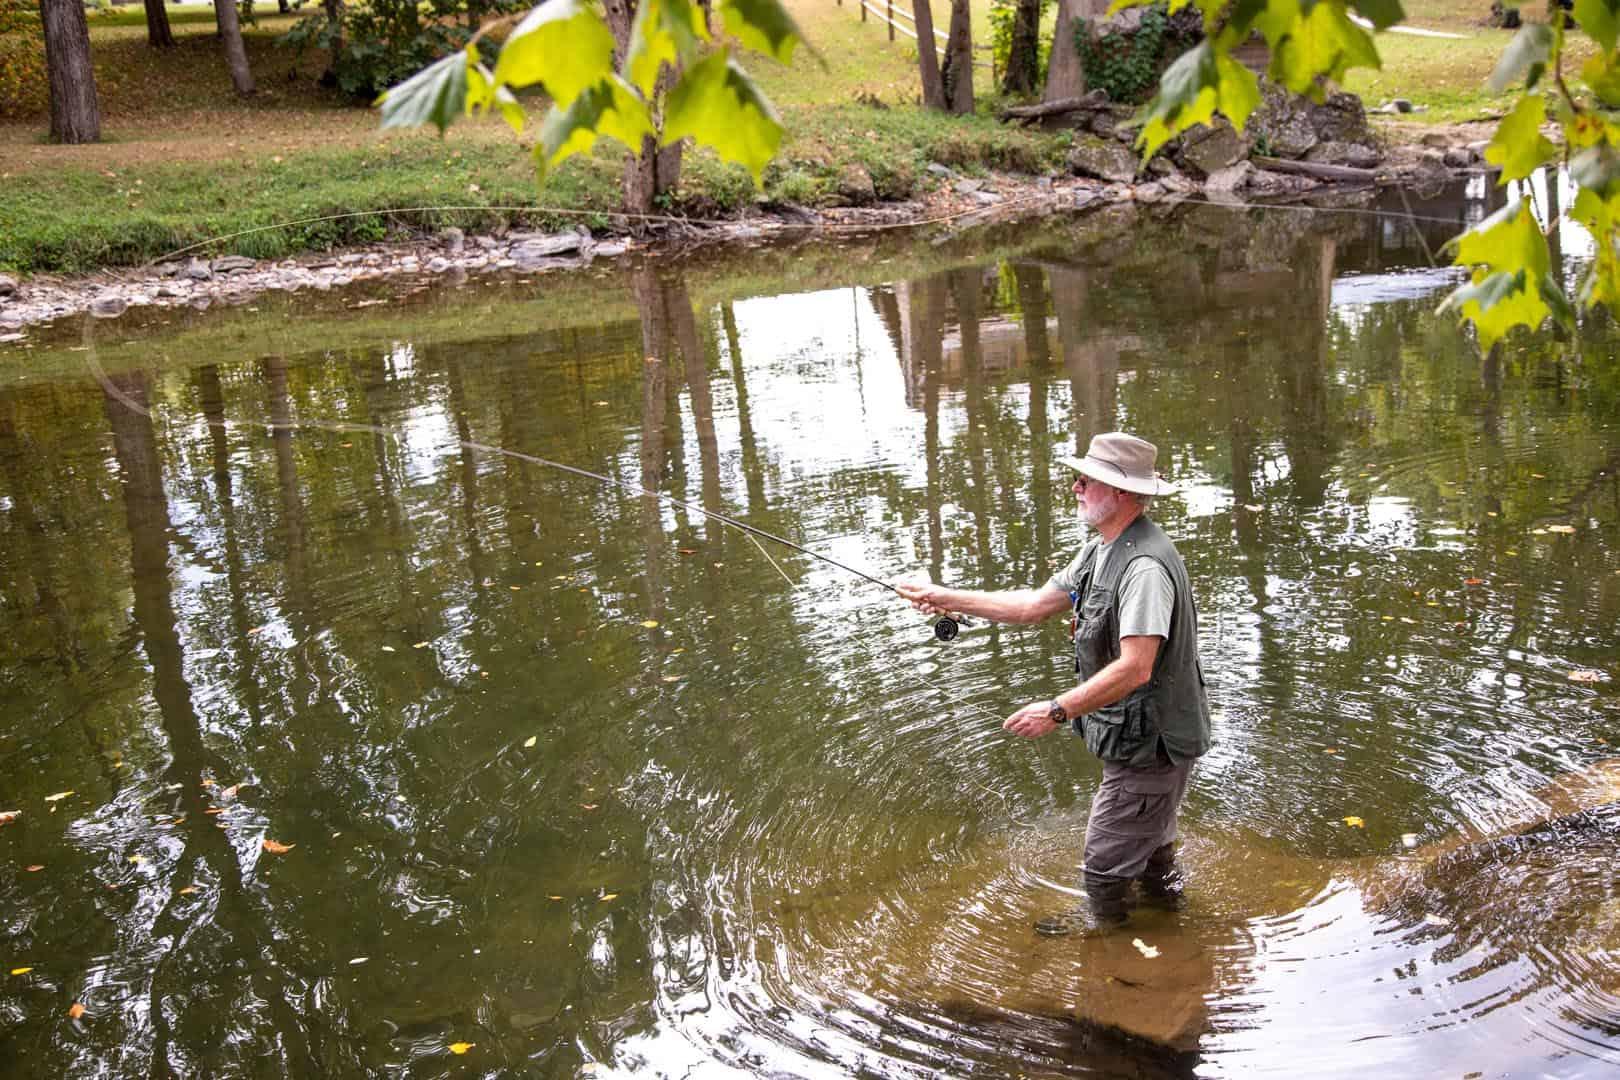 Man fishing in the creek